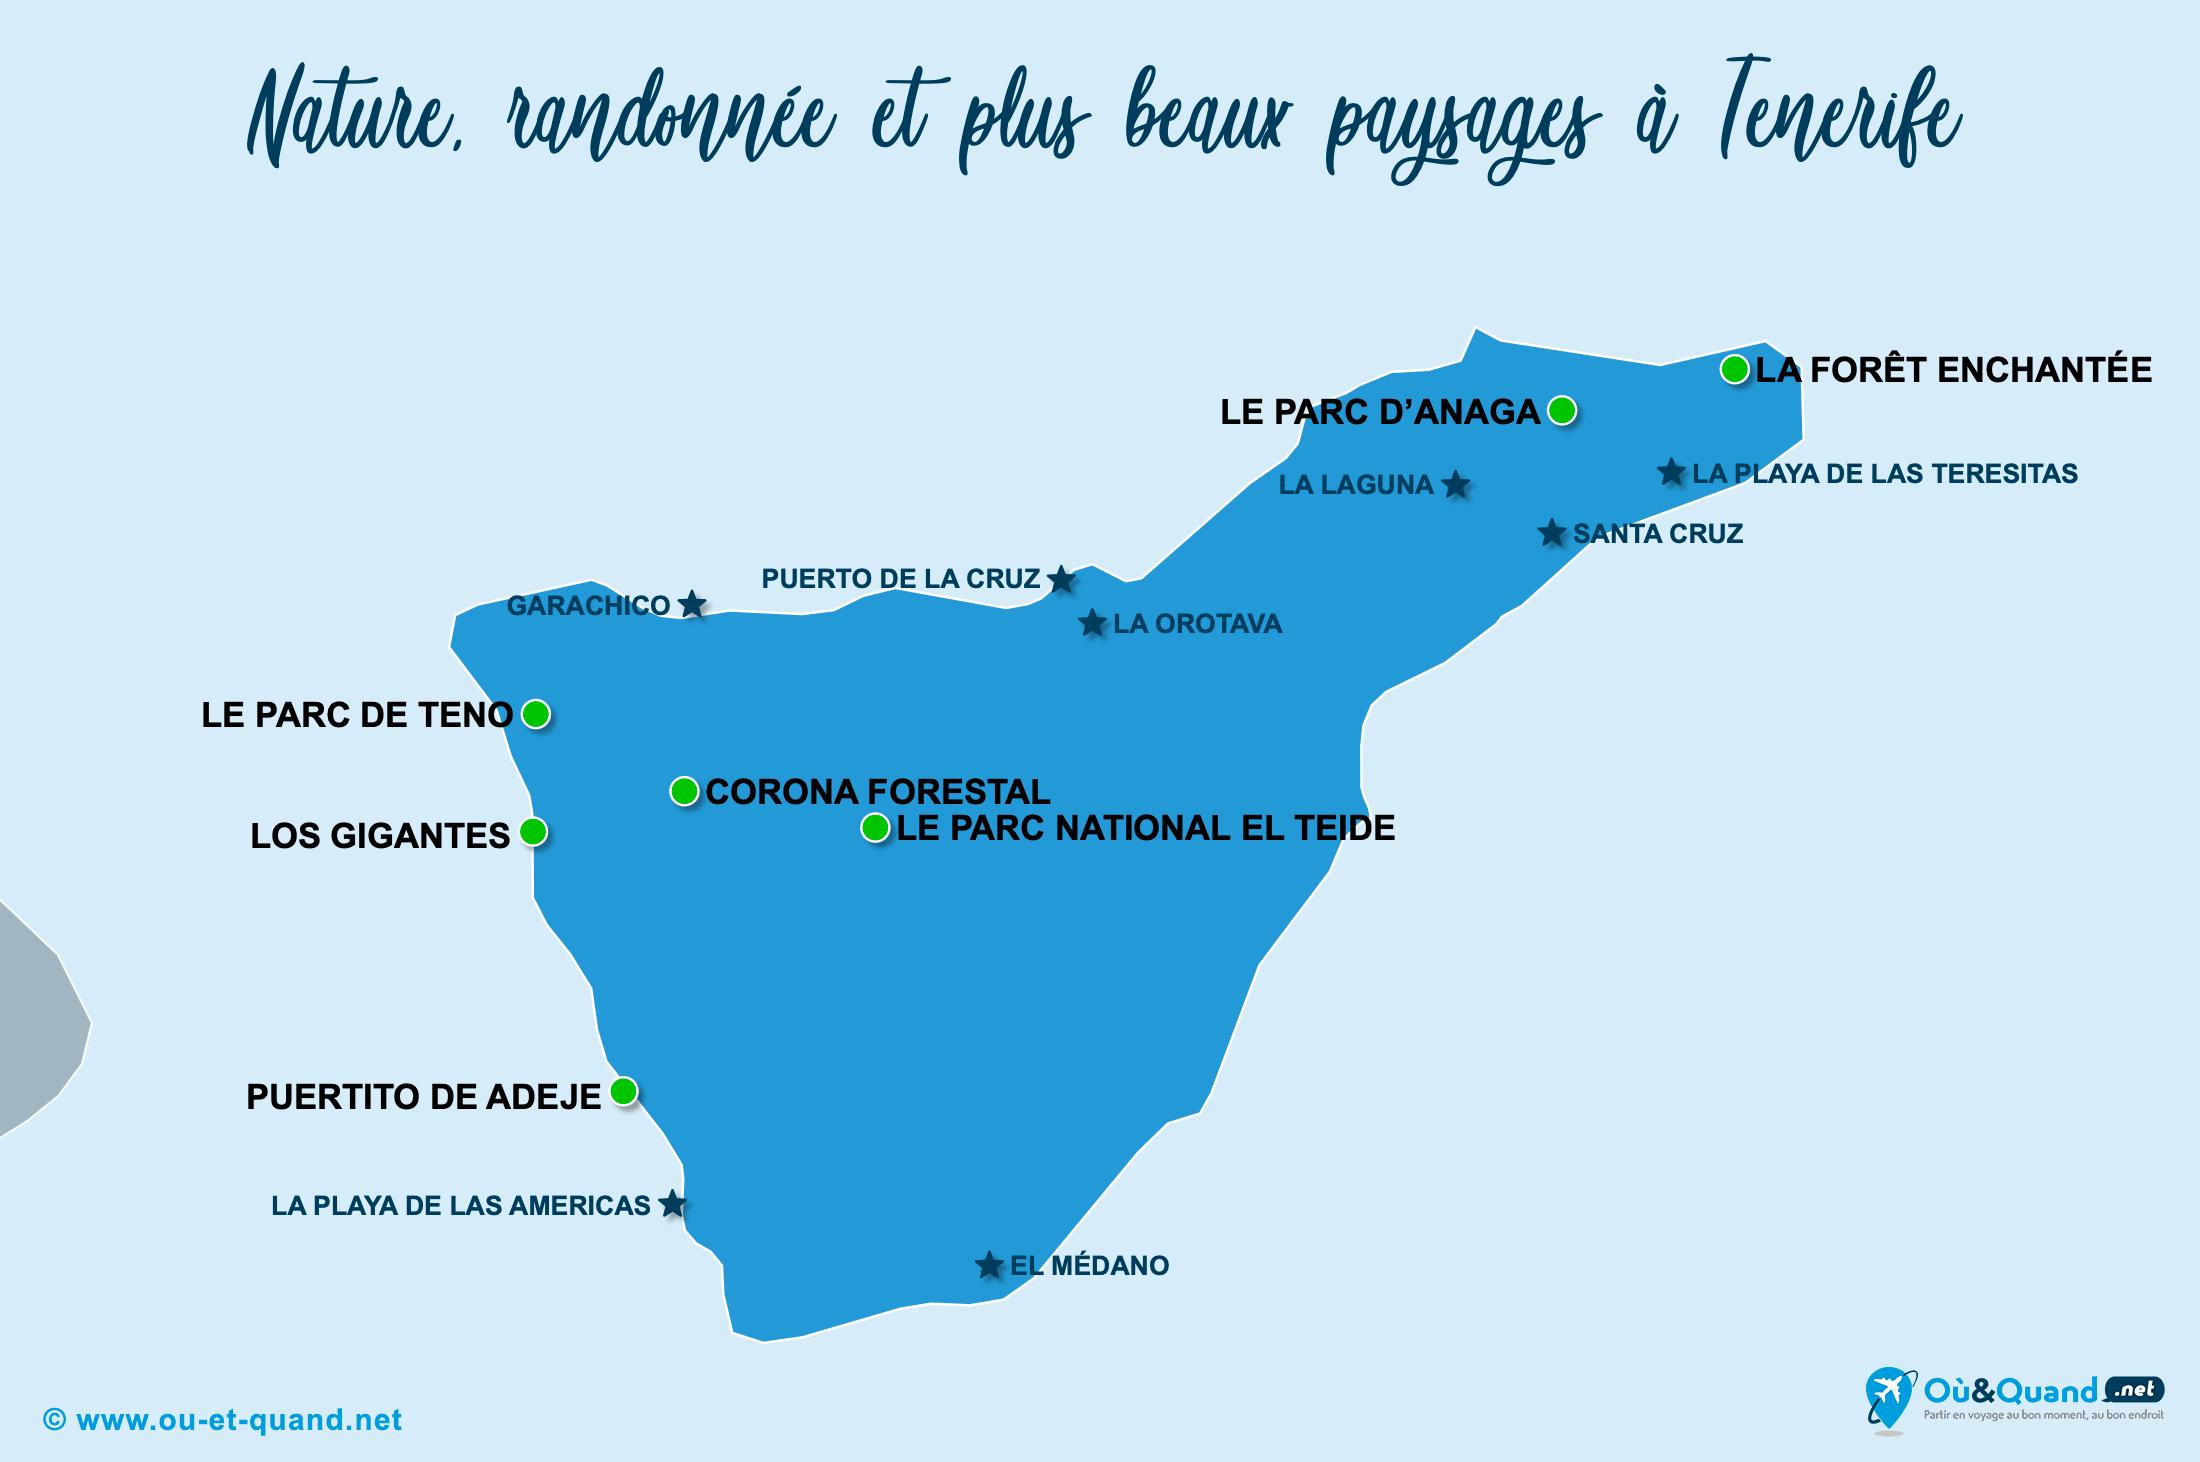 Carte Tenerife : Les plus beaux paysages de Tenerife